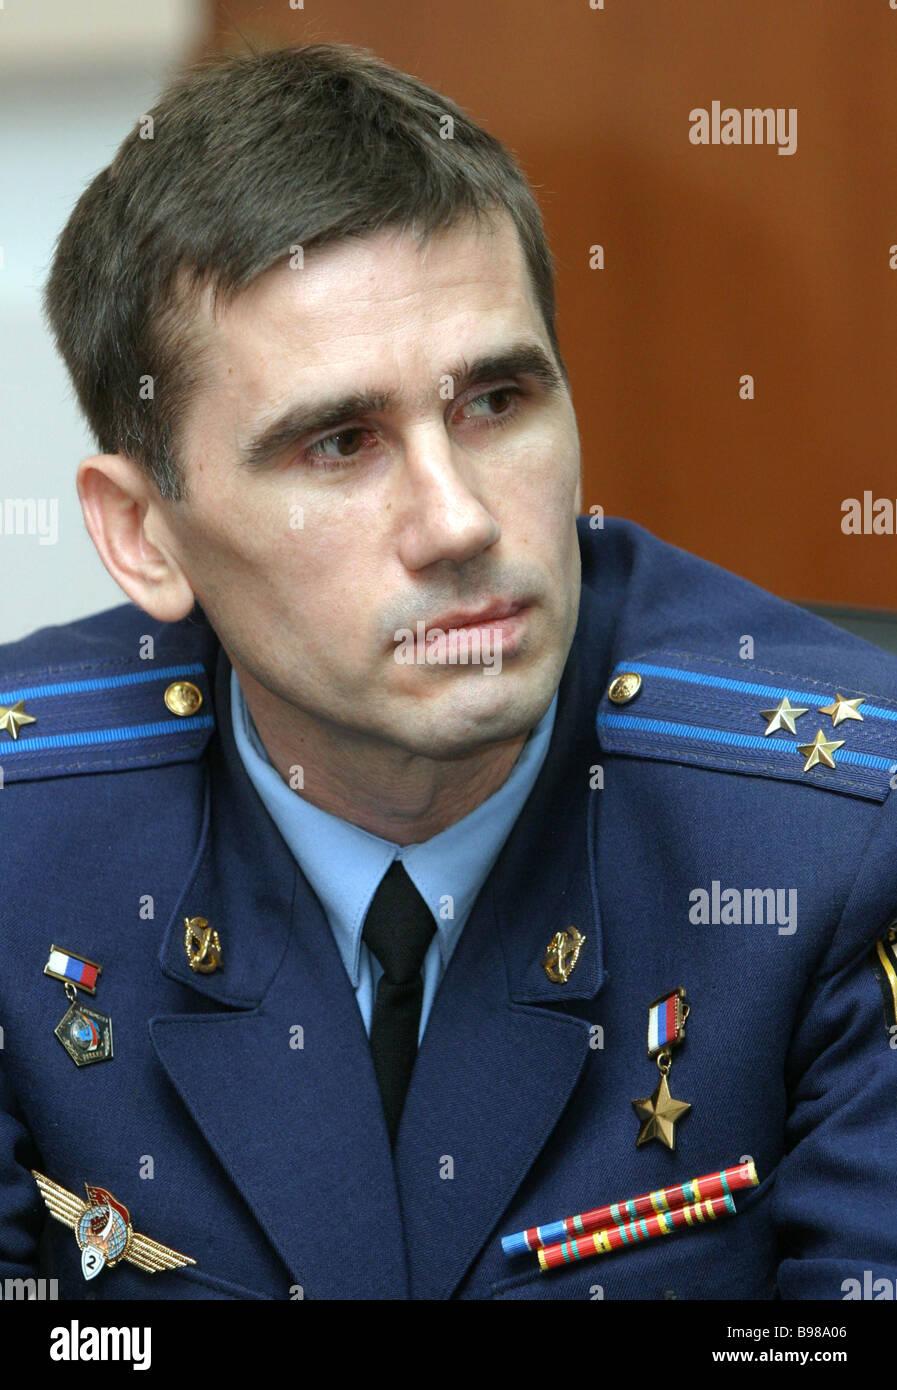 Russian cosmonaut Yury Malenchnenko - Stock Image